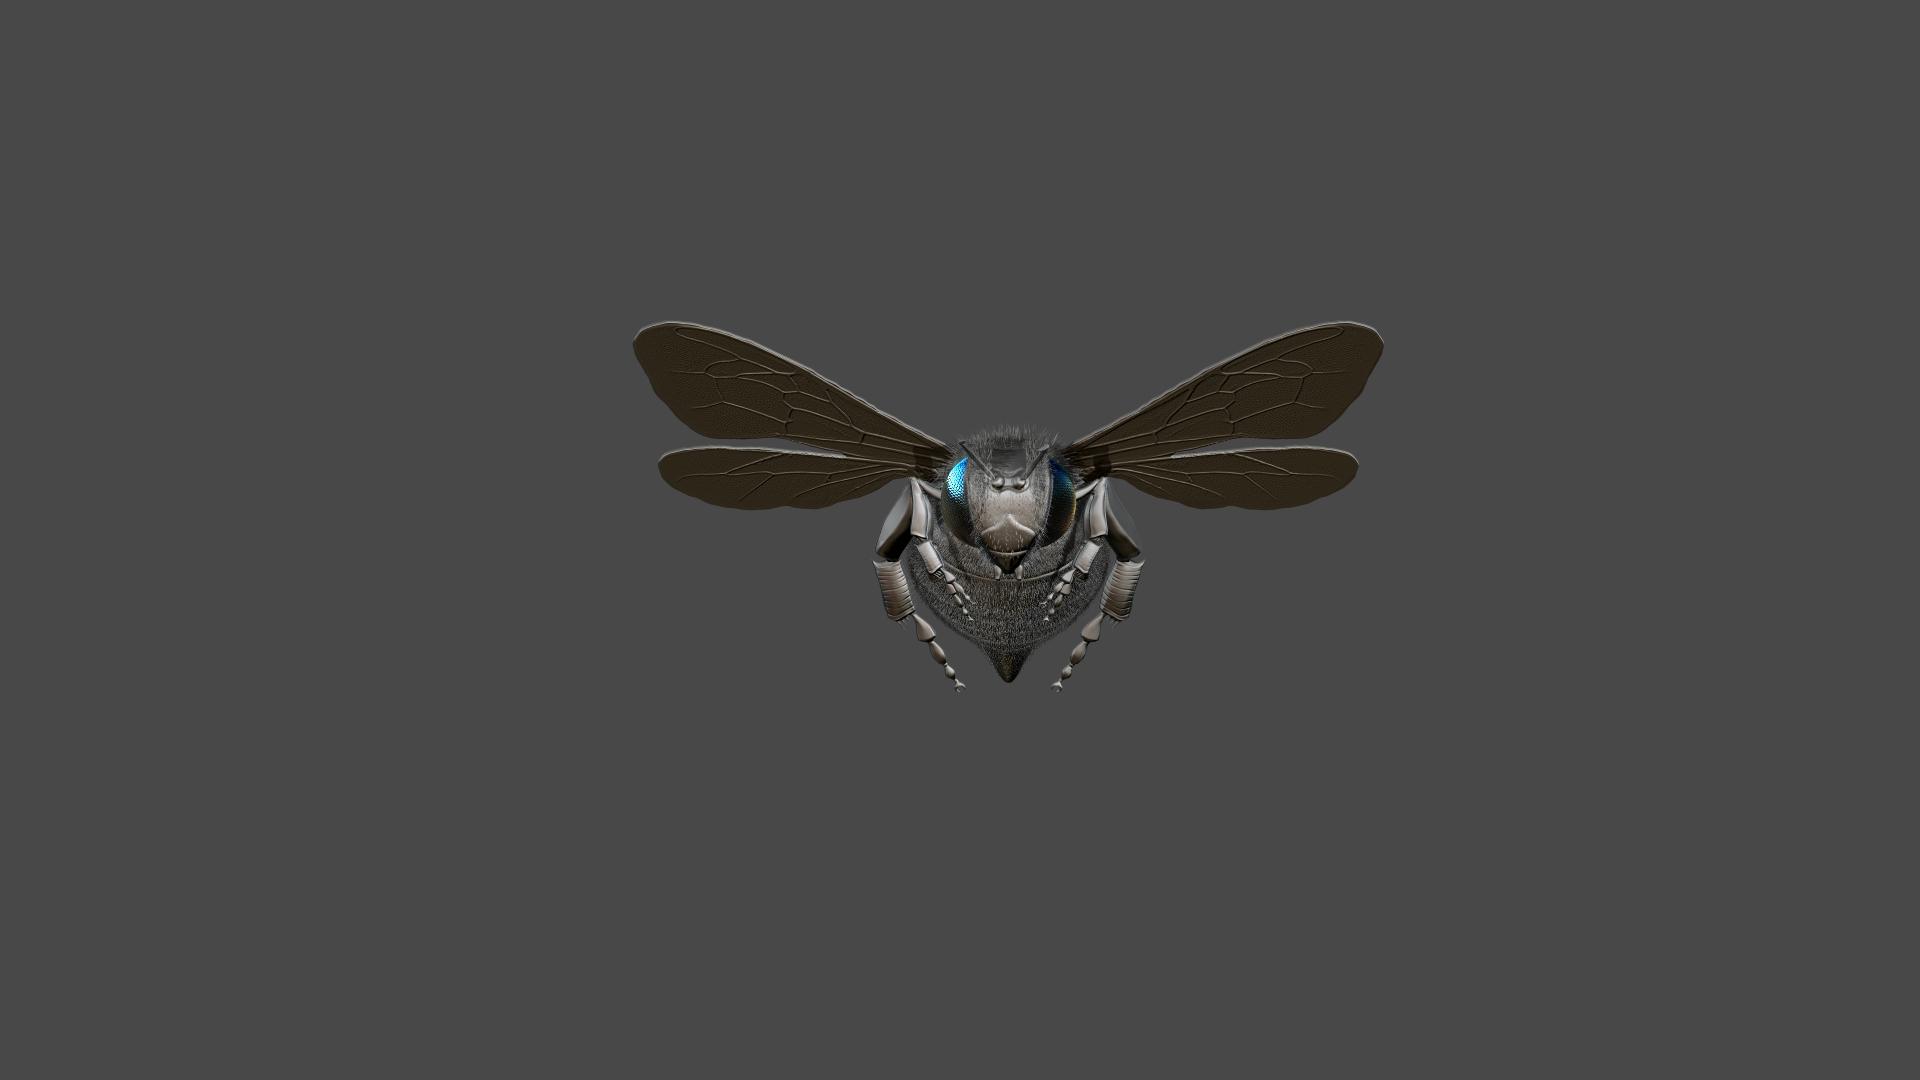 Honeybee5.jpg